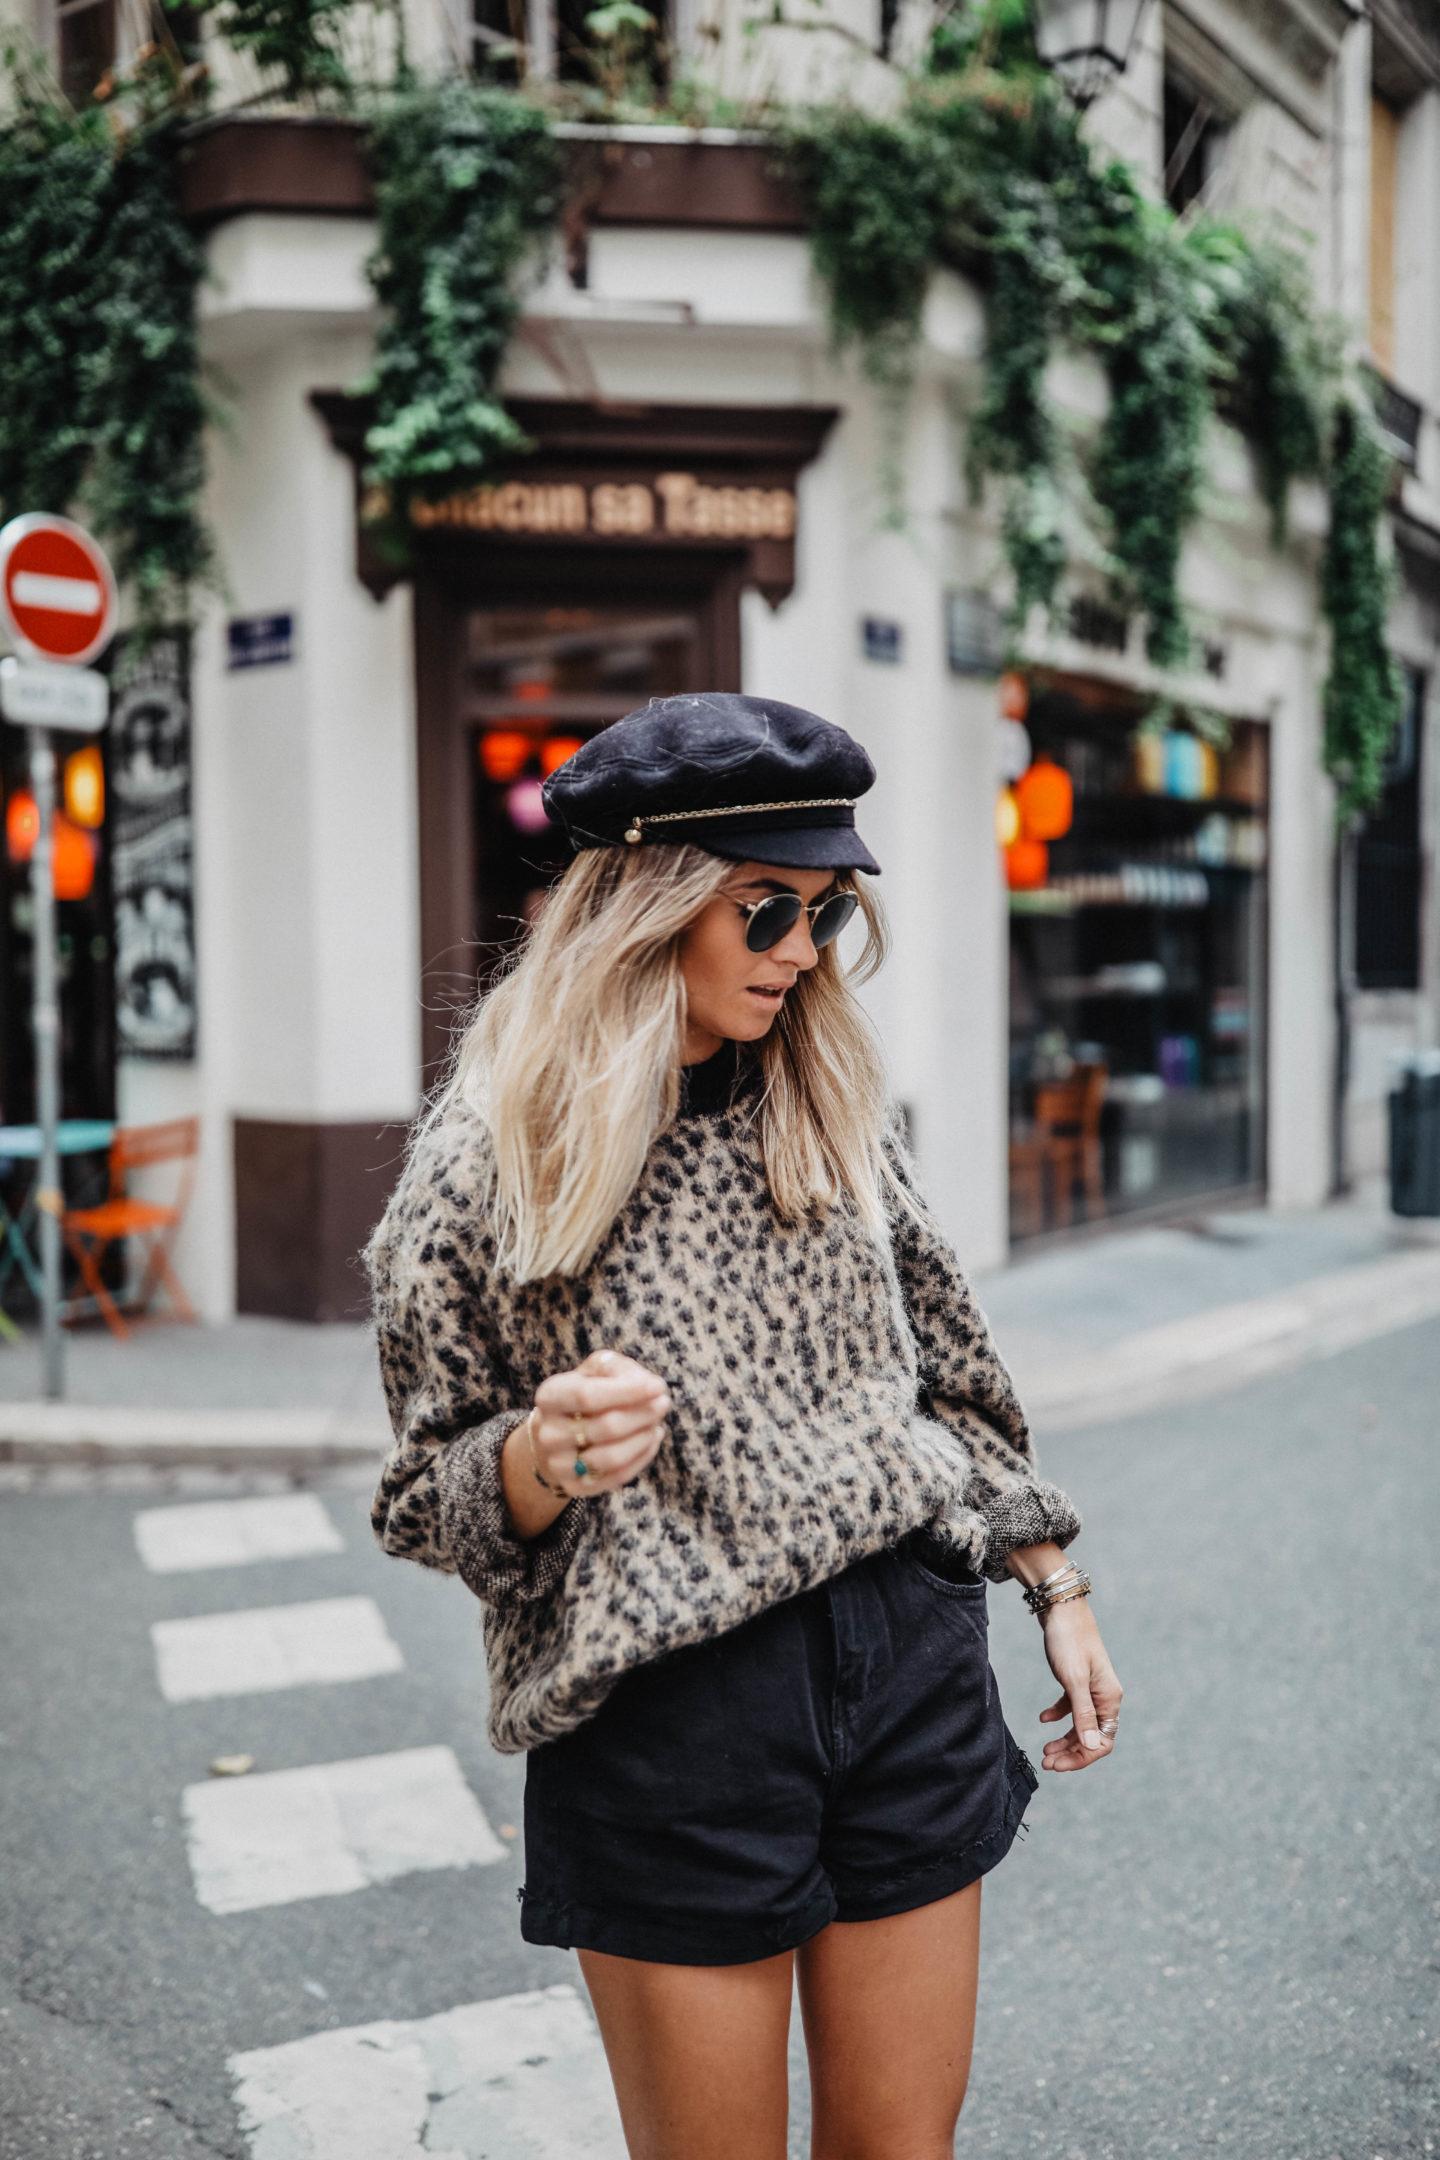 Comment porter l'imprimé léopard marie and mood blog